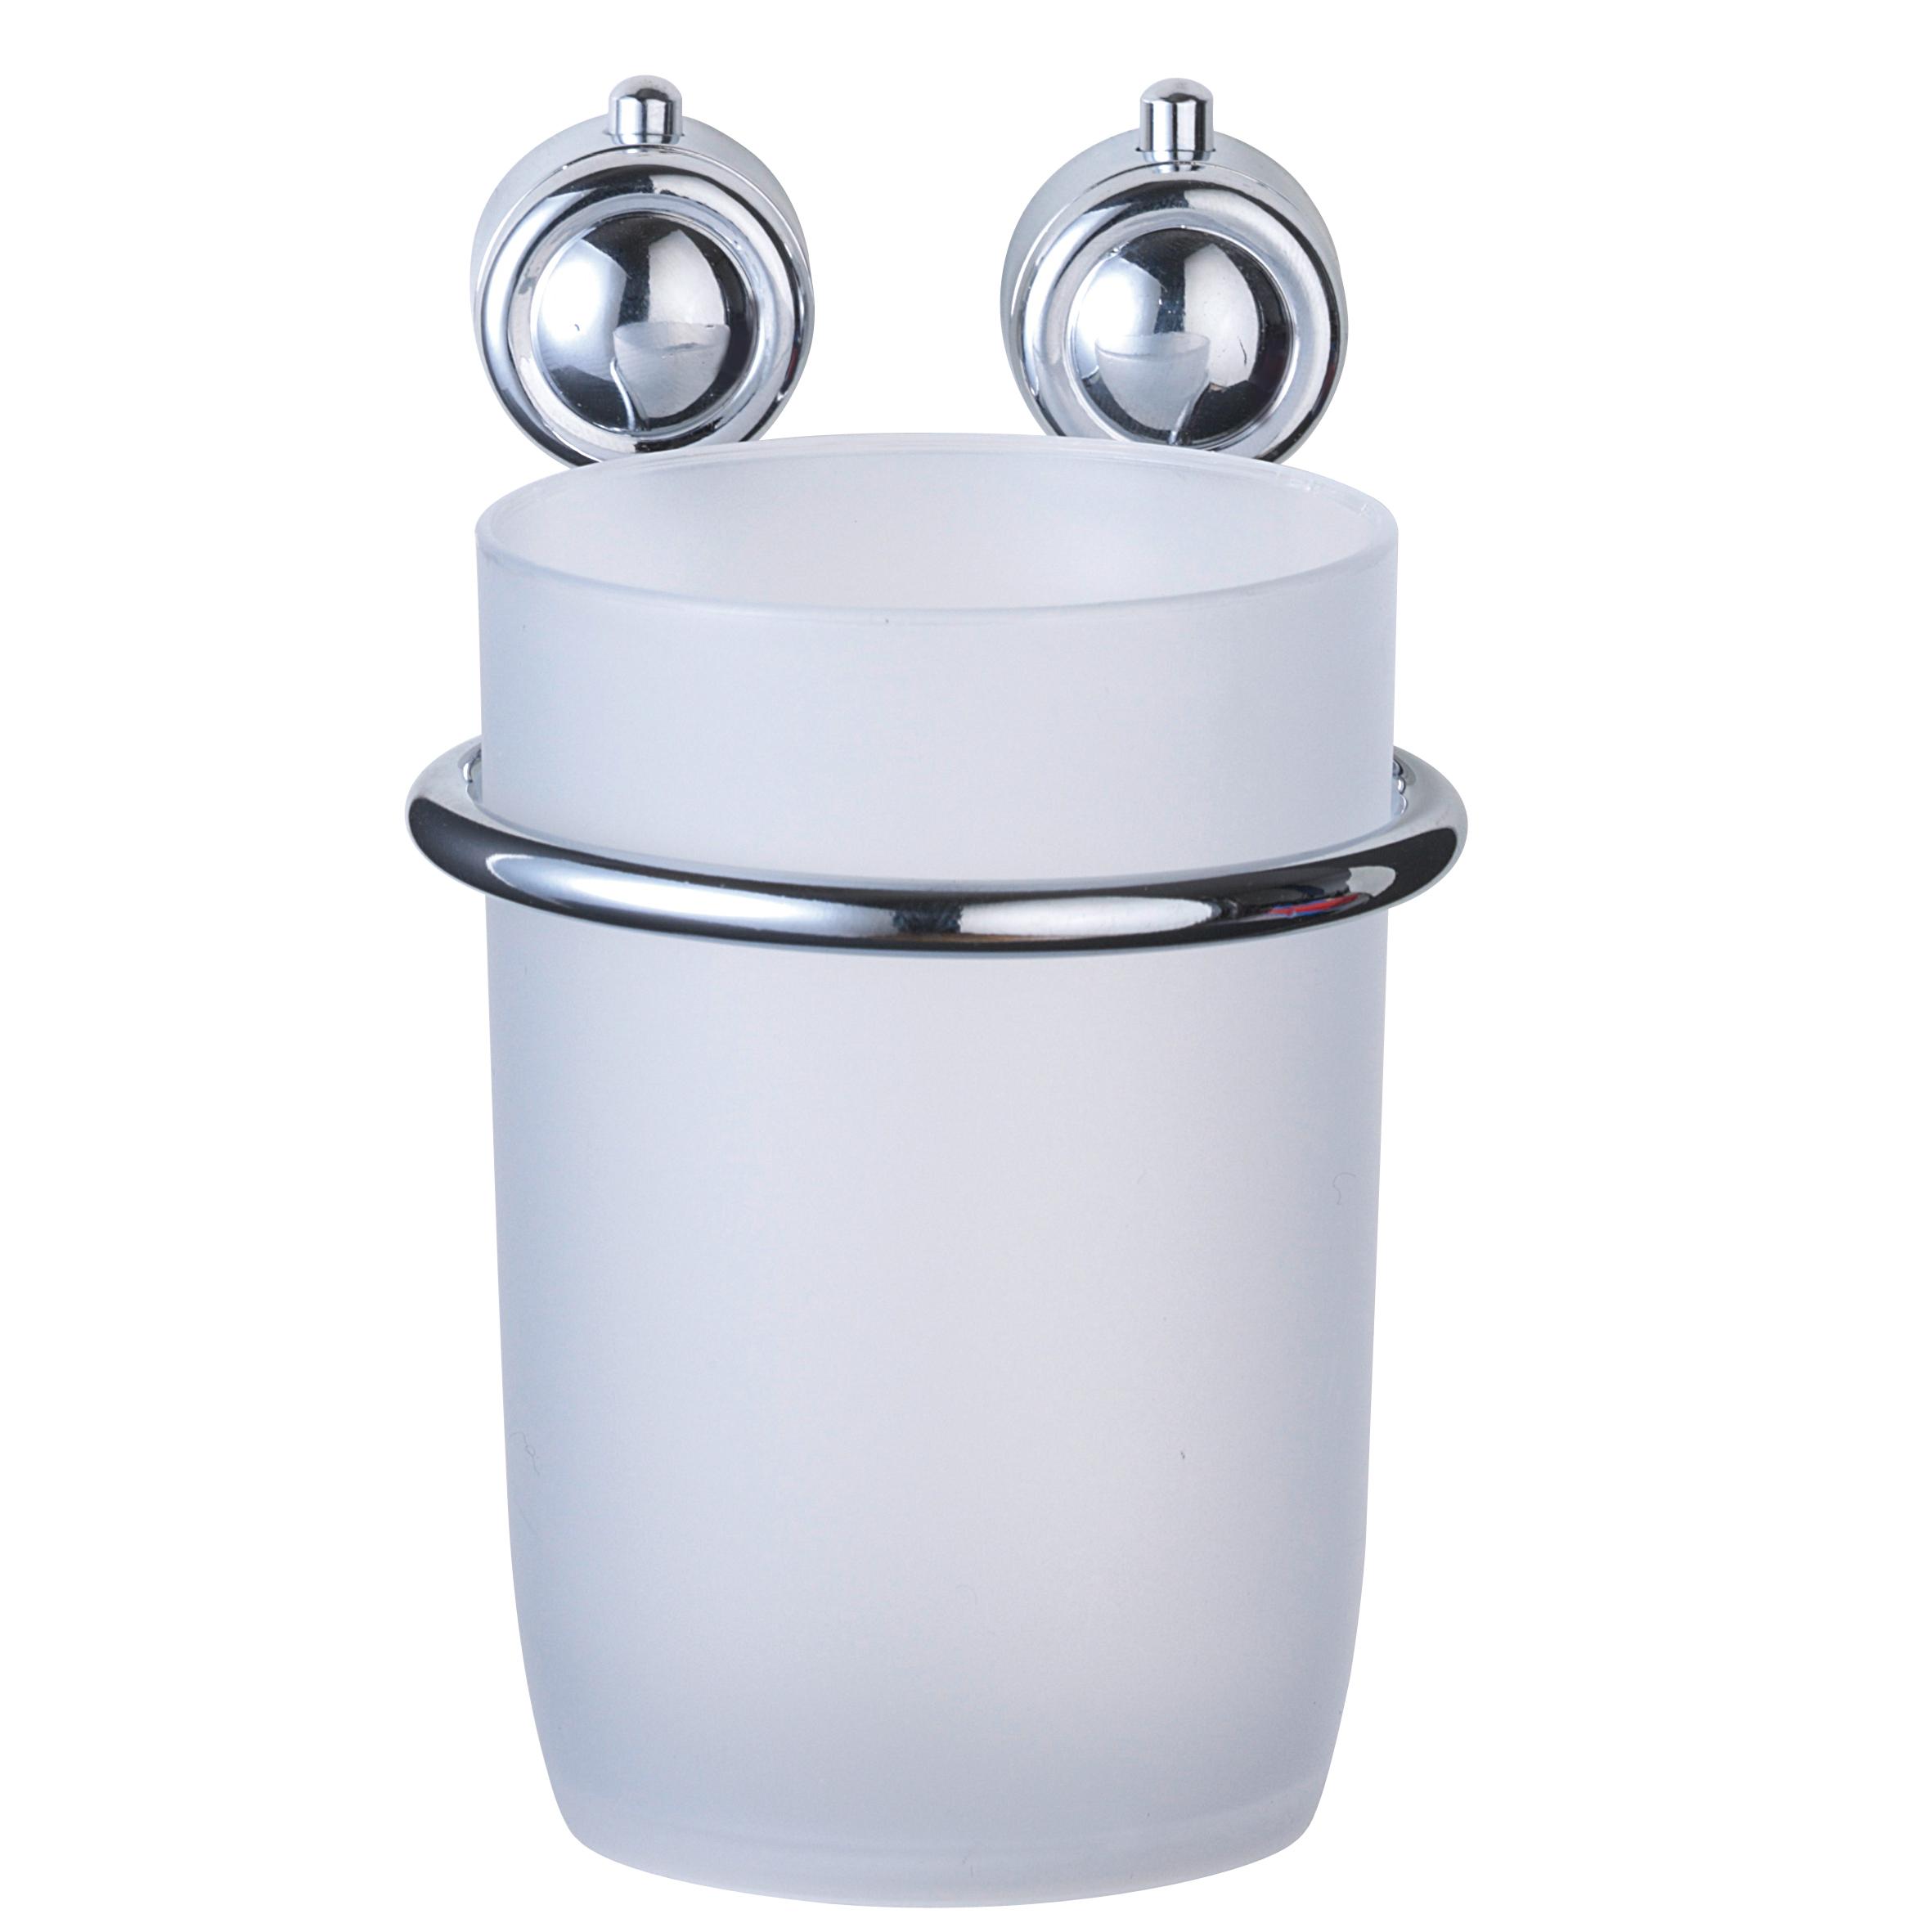 Стакан для ванной комнаты Axentia Atlantik, с держателемUP210DFСтакан для ванной комнаты Axentia Atlantik изготовлен из пластика и высококачественной хромированной стали, устойчивой к высокой влажности. Стакан с настенным держателем отлично подойдет для вашей ванной комнаты. Изделие крепится к стене с помощью шурупов (входят в комплект).Стакан создаст особую атмосферу уюта и максимального комфорта в ванной.